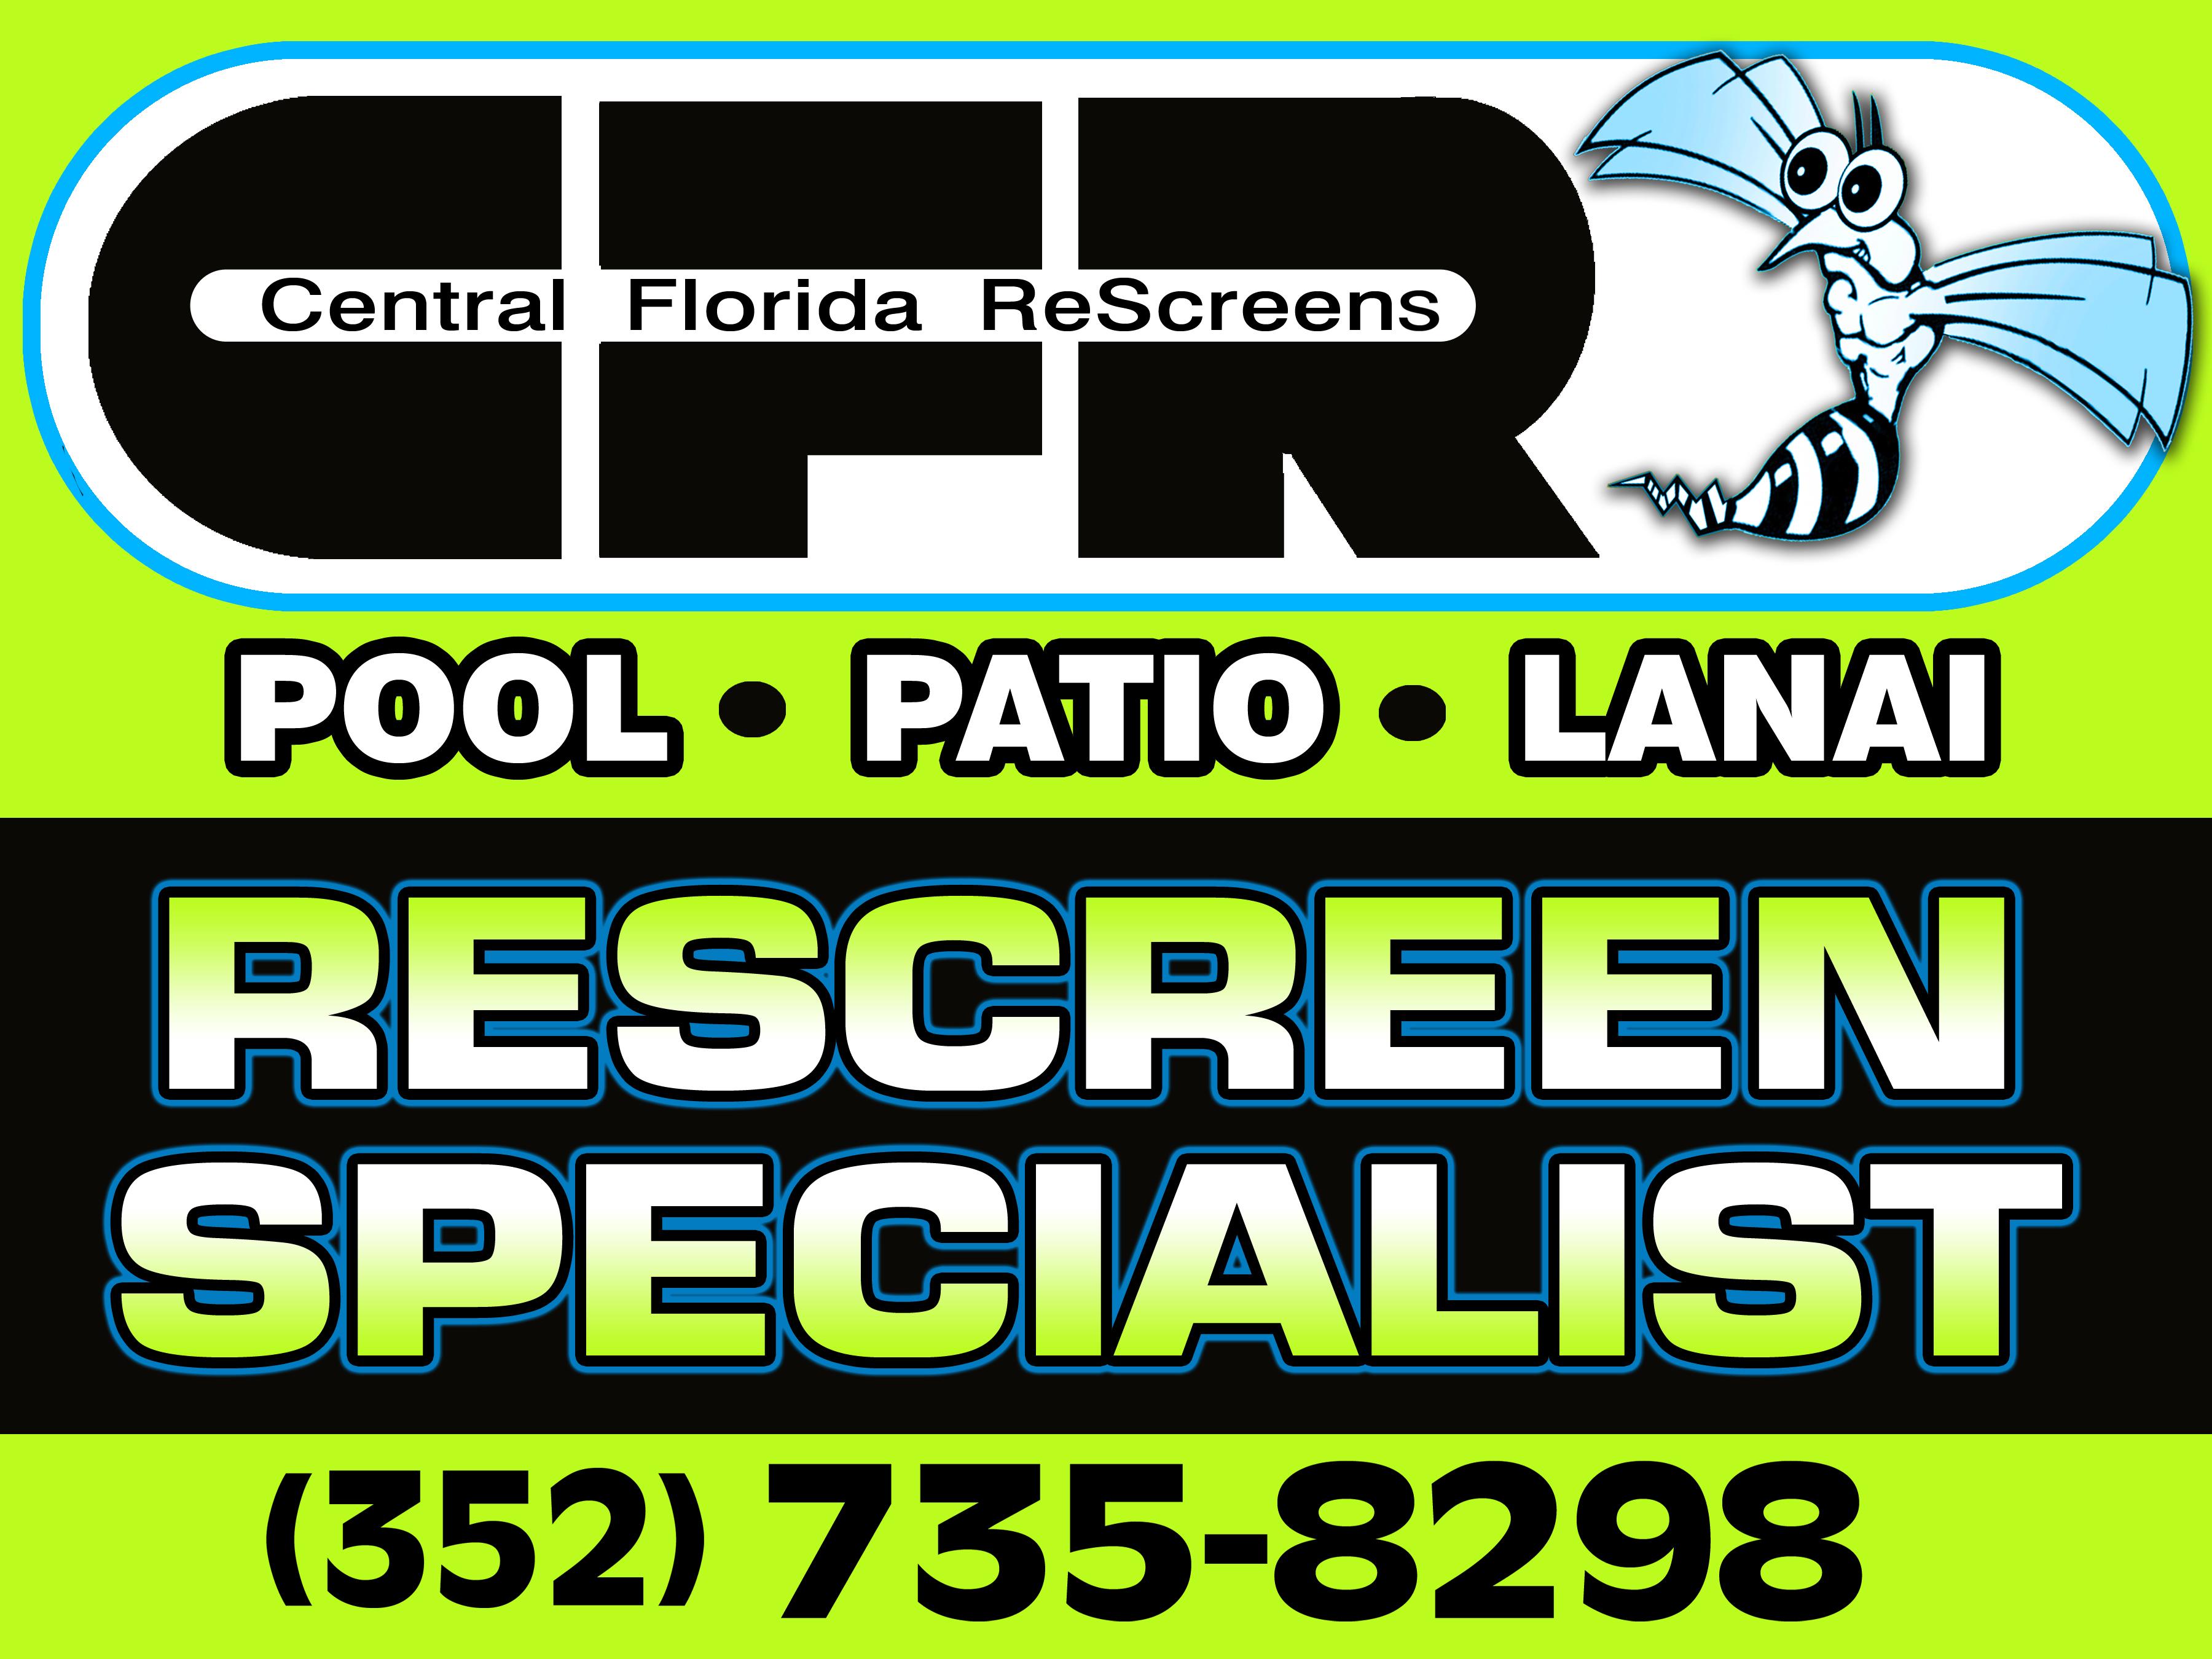 Central Florida Rescreens Yp Com